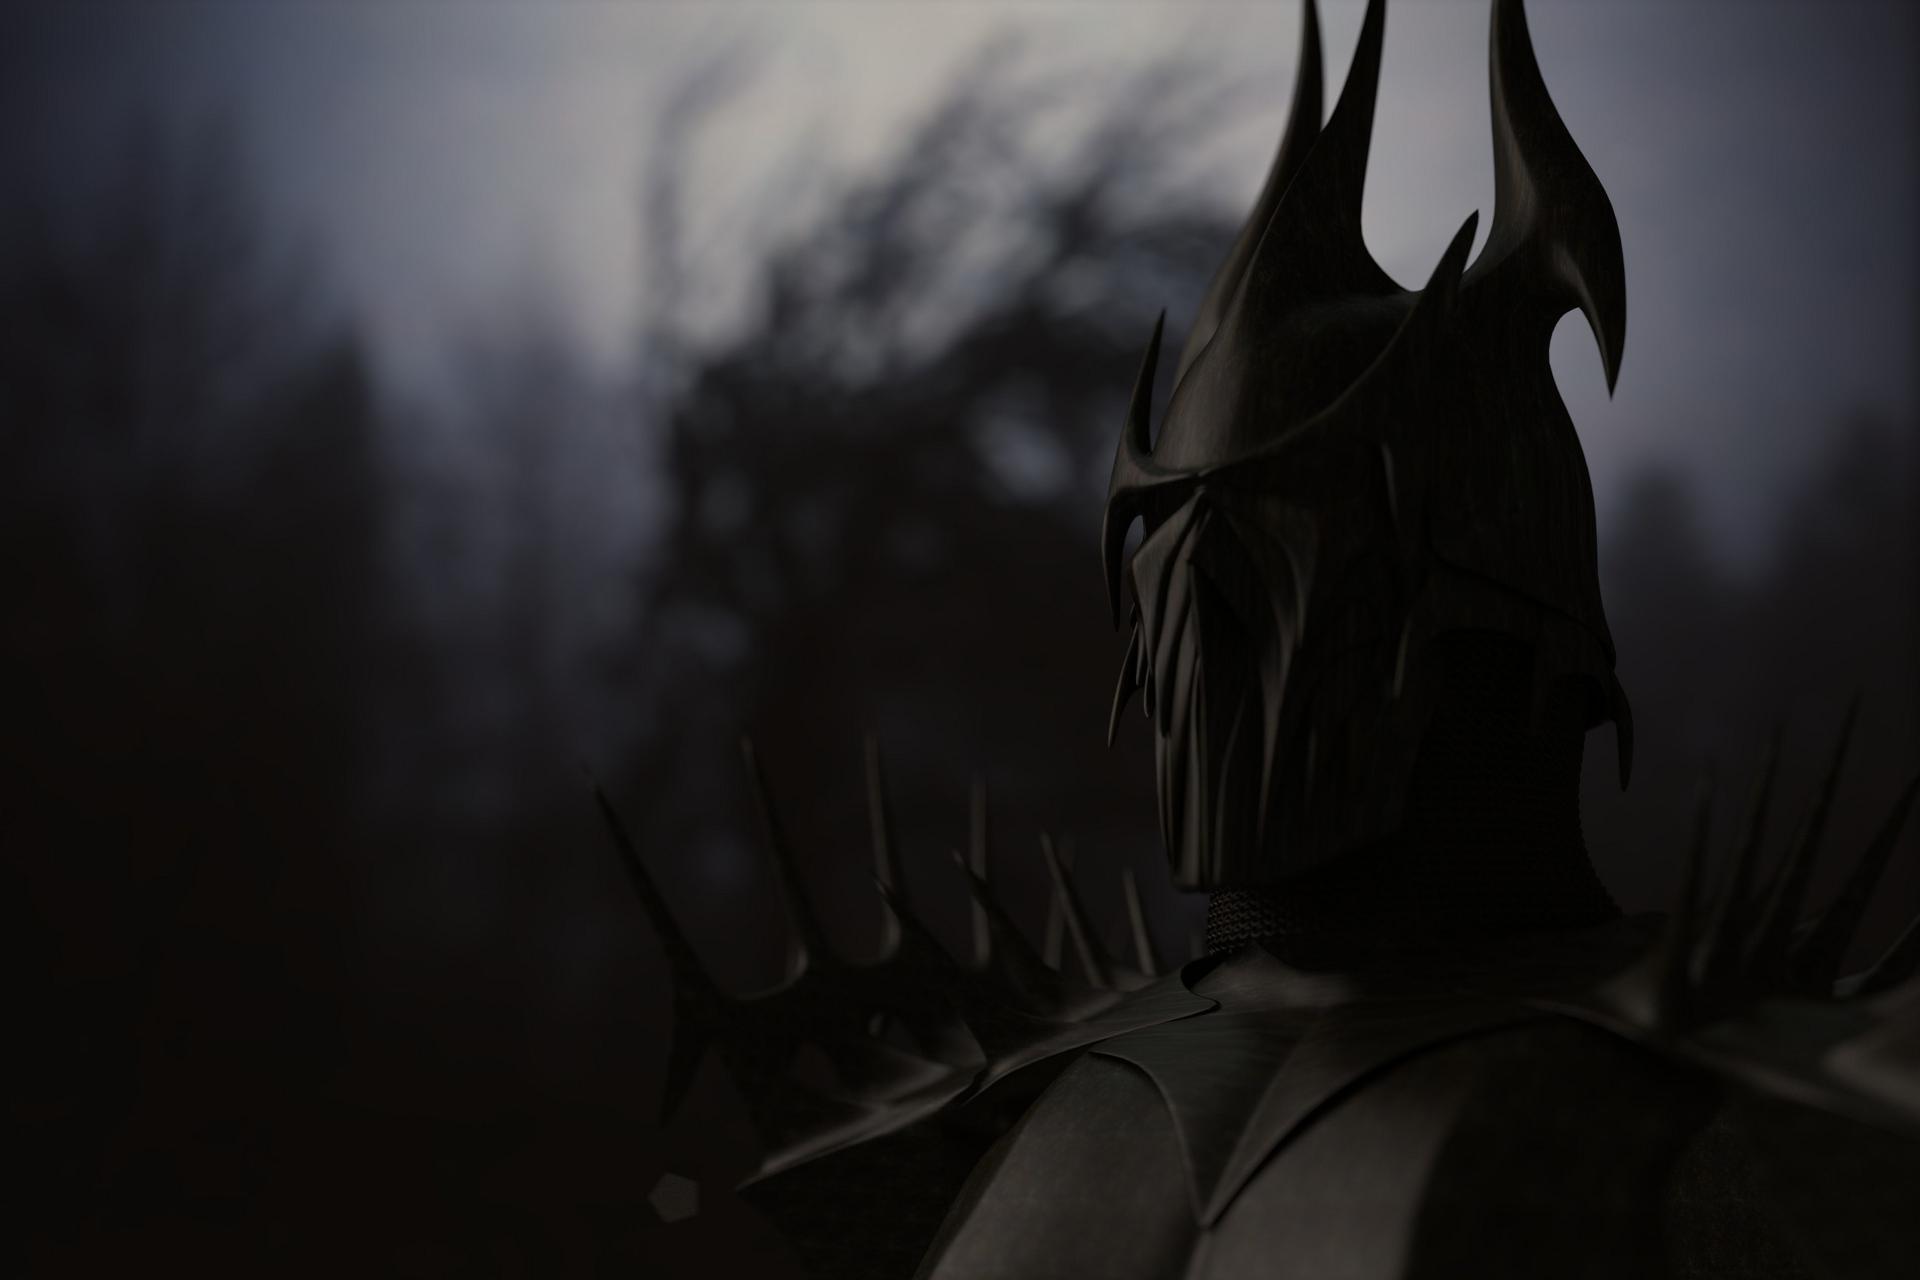 Gratis doom metall symphonisches schwarzmetall runterladen gratis schwarzmetall hintergrundbilder - Gothic hintergrundbilder ...